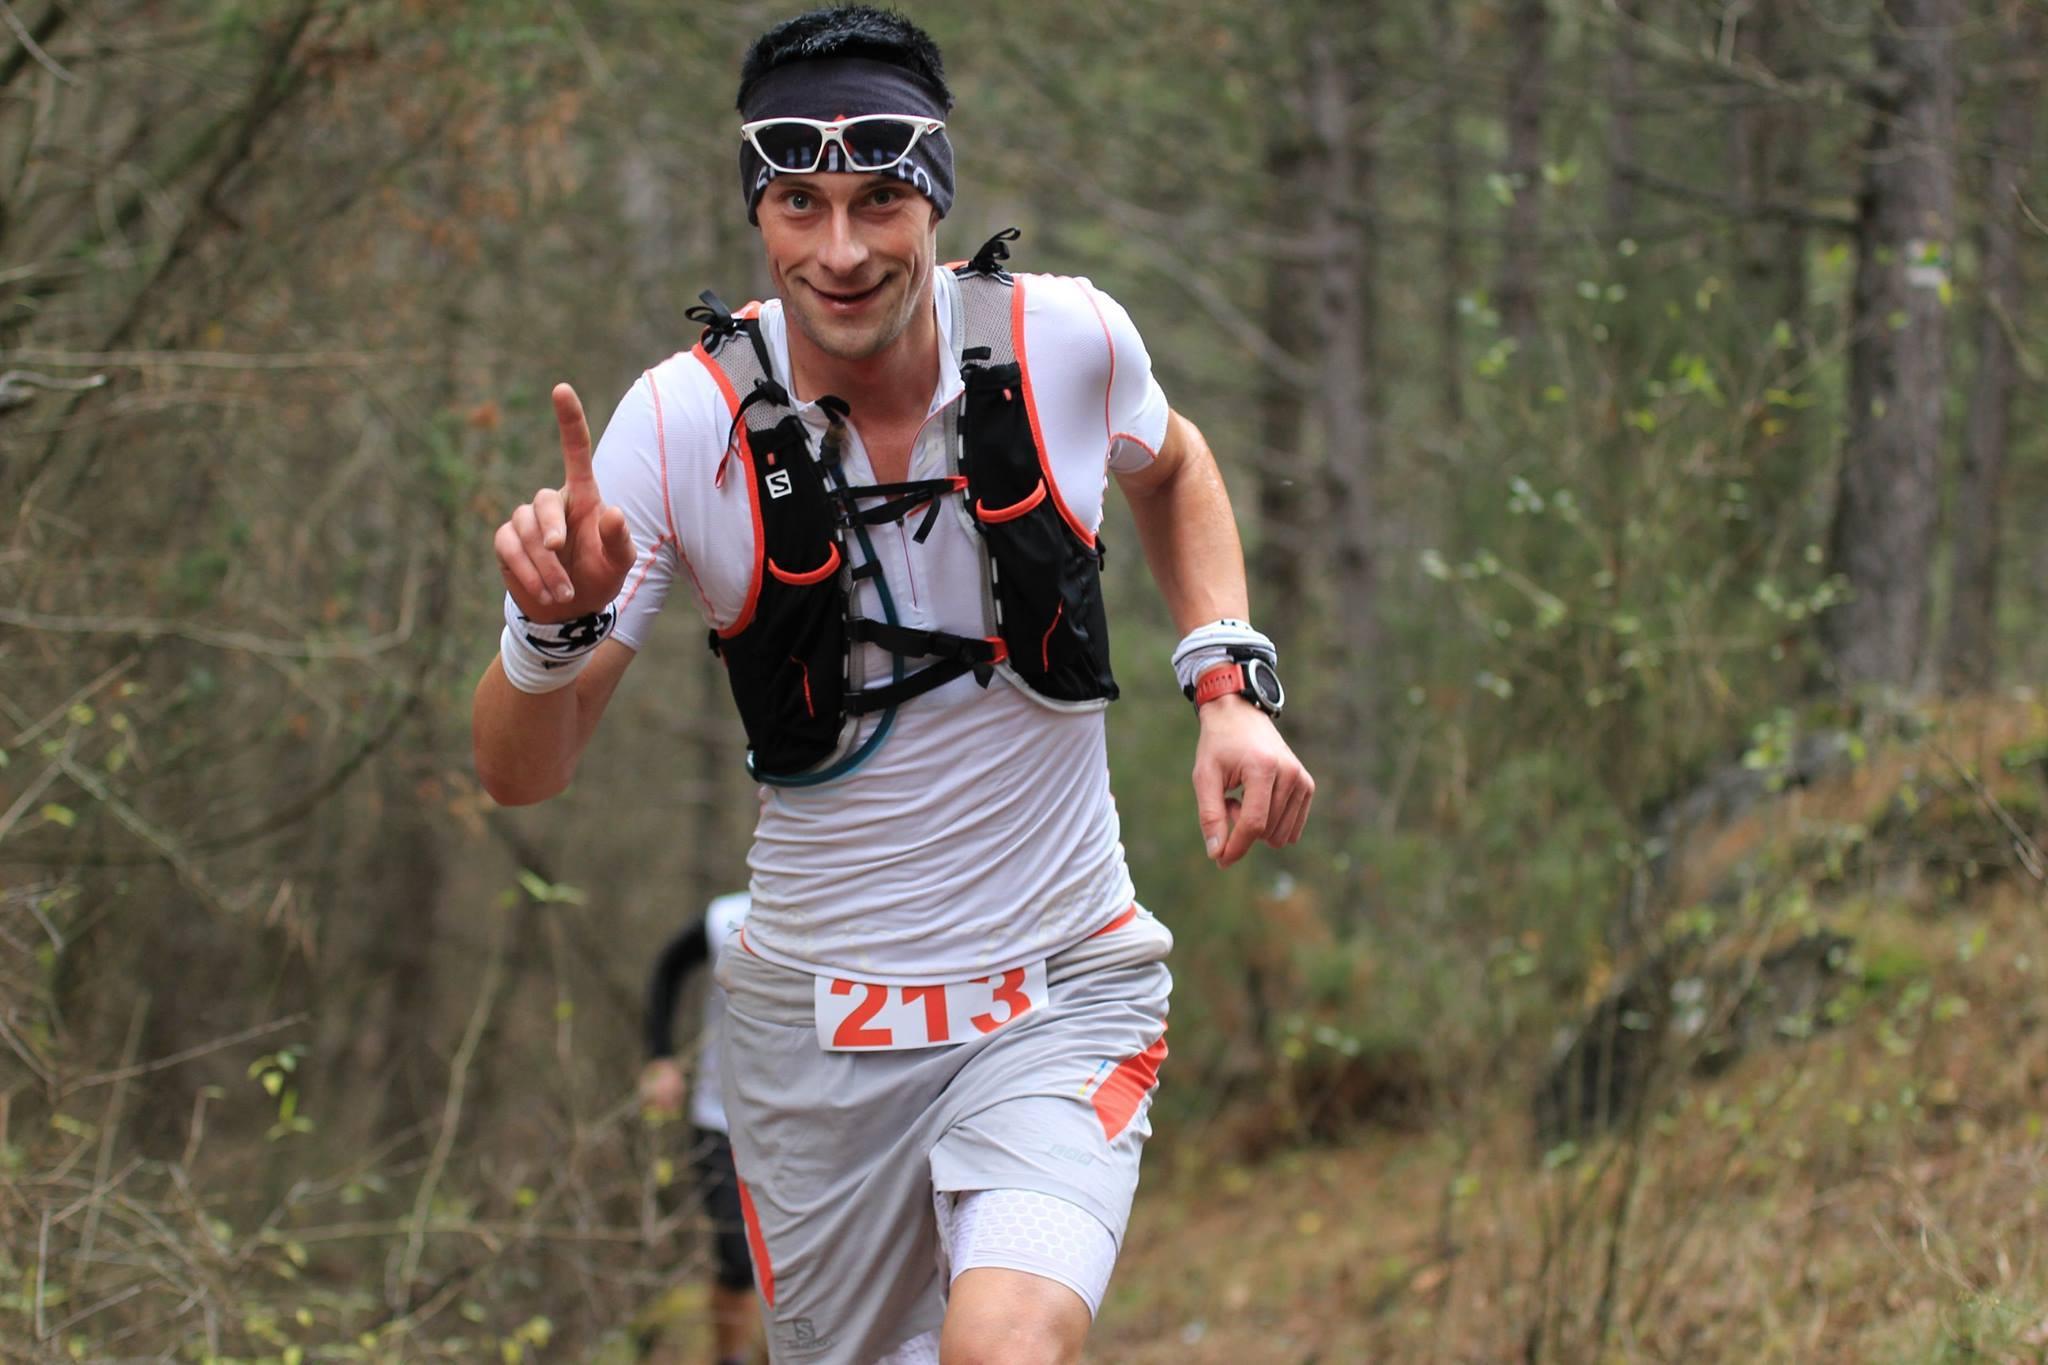 Expresky z hôr 40 - Tomáš Podpera, celkový víťaz, zdroj: FB page Výživná štvorka